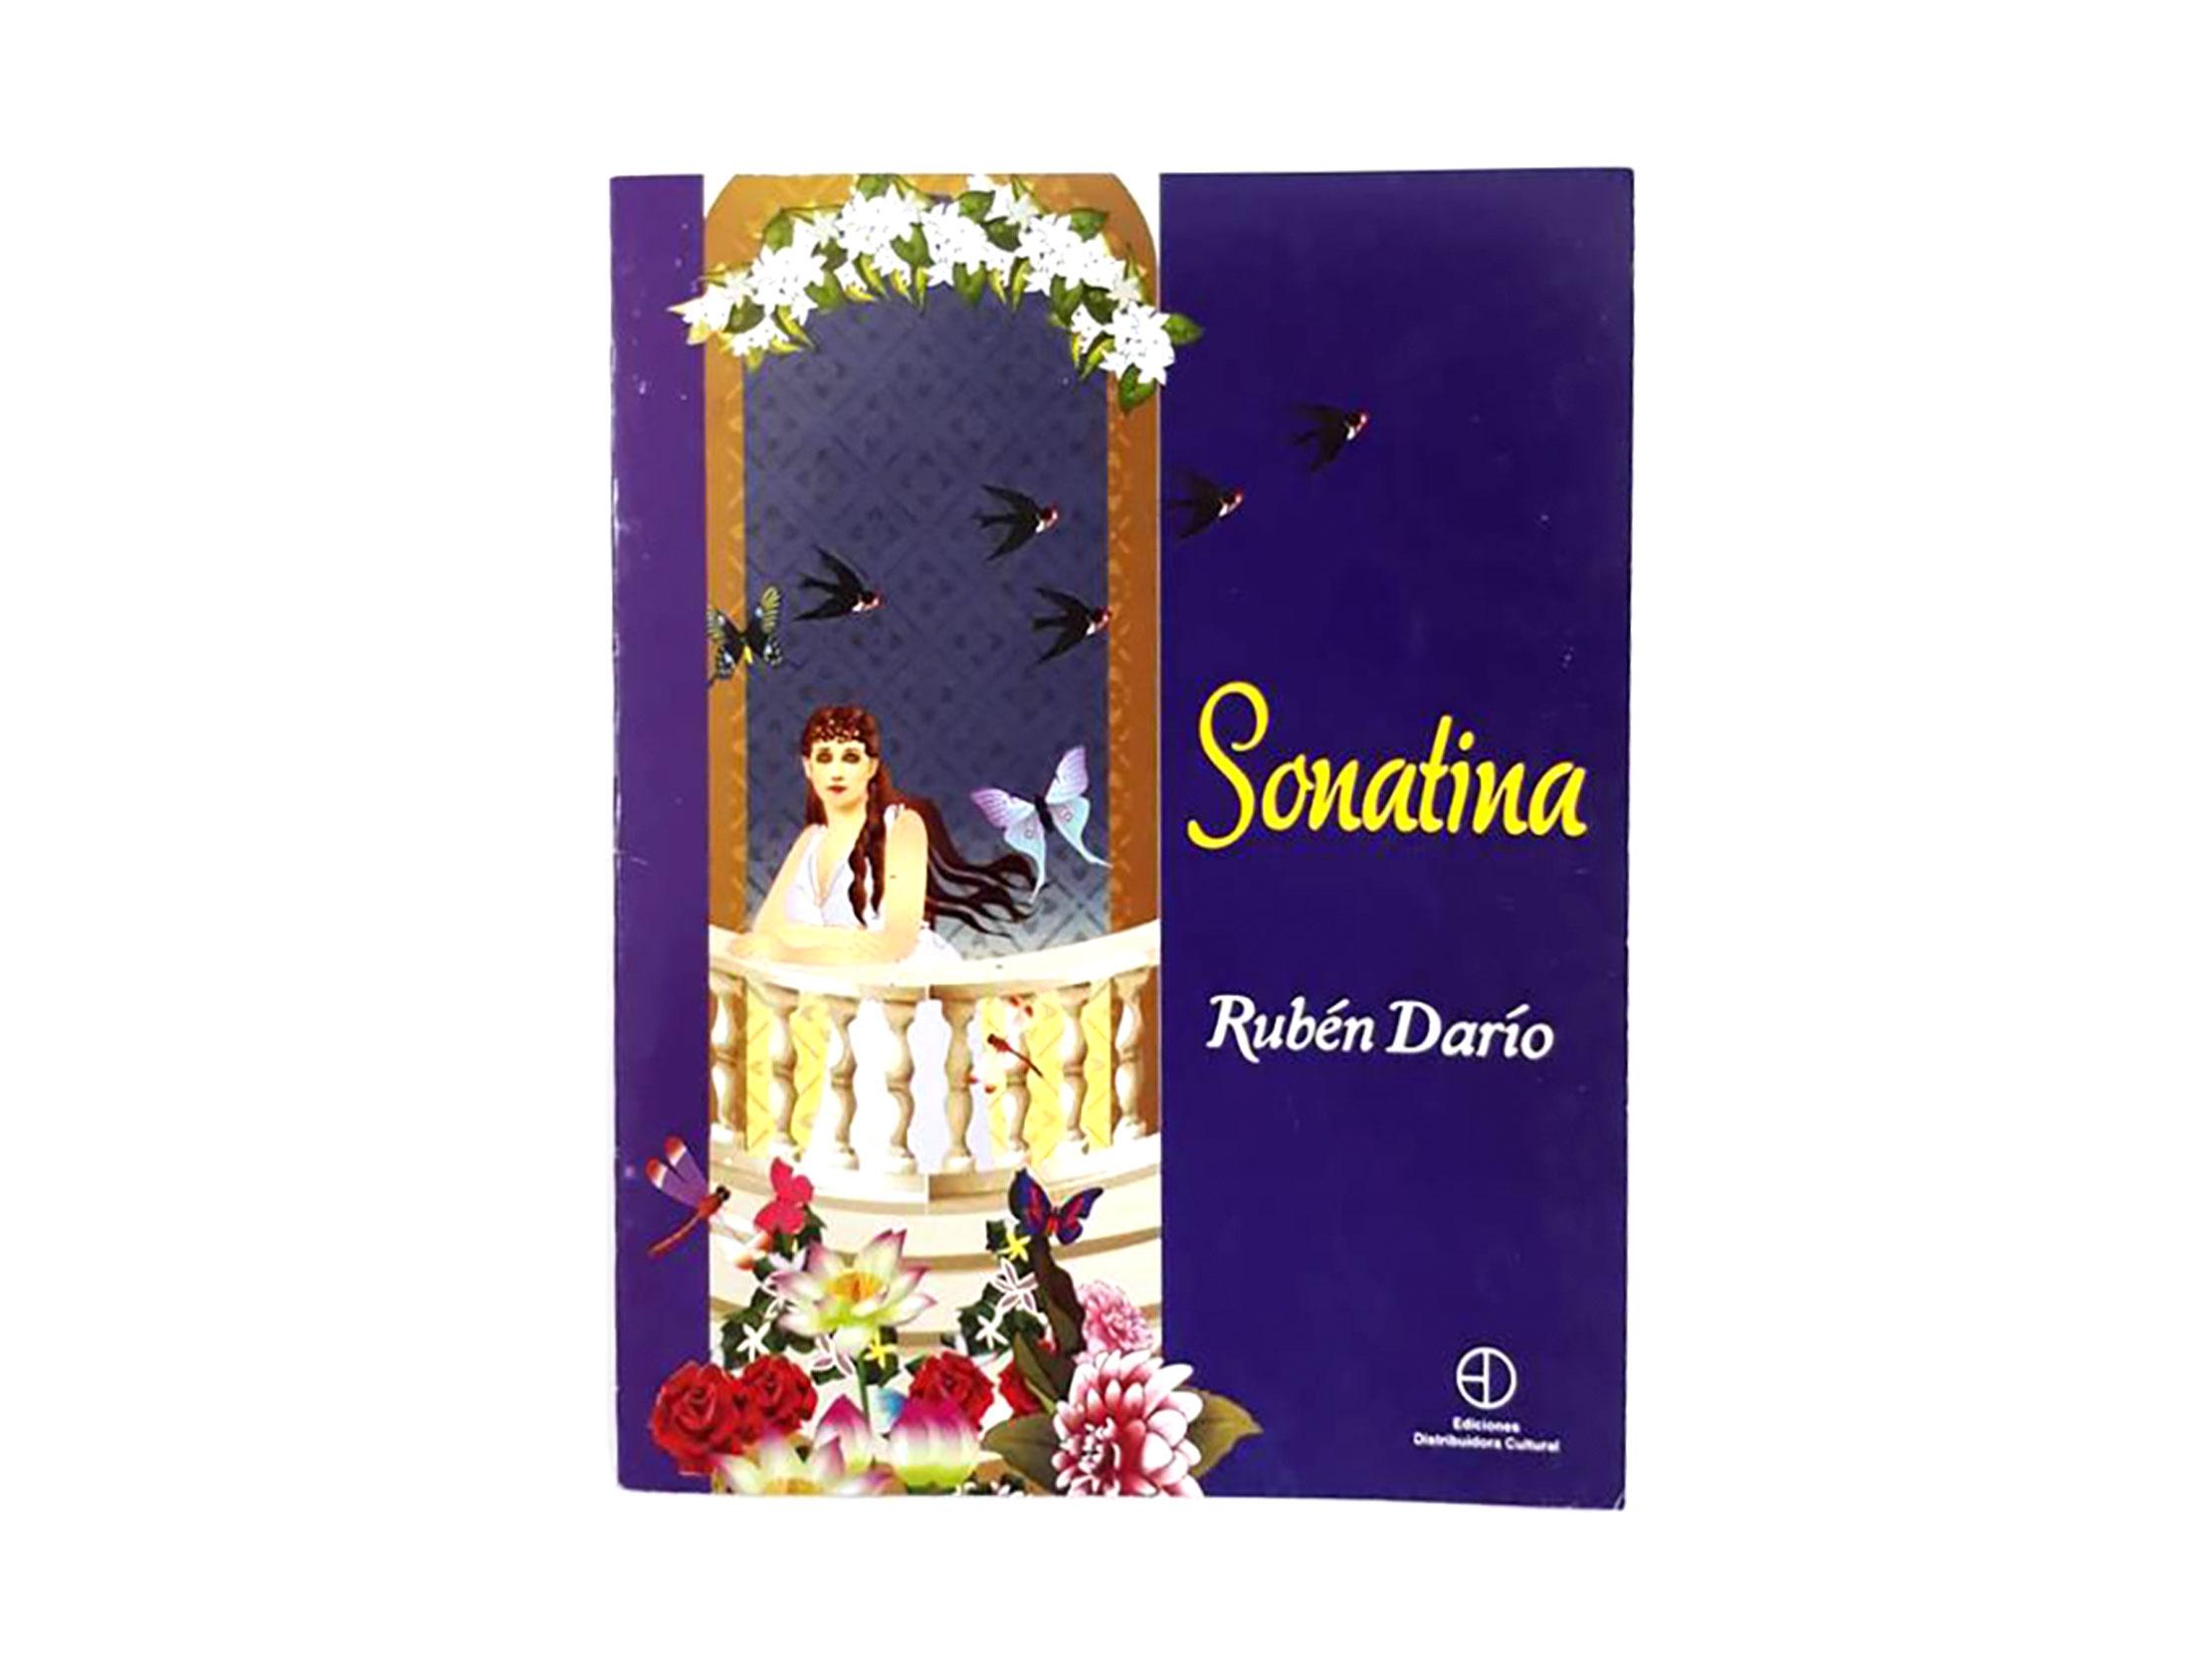 SONATINA (R. DARIO)